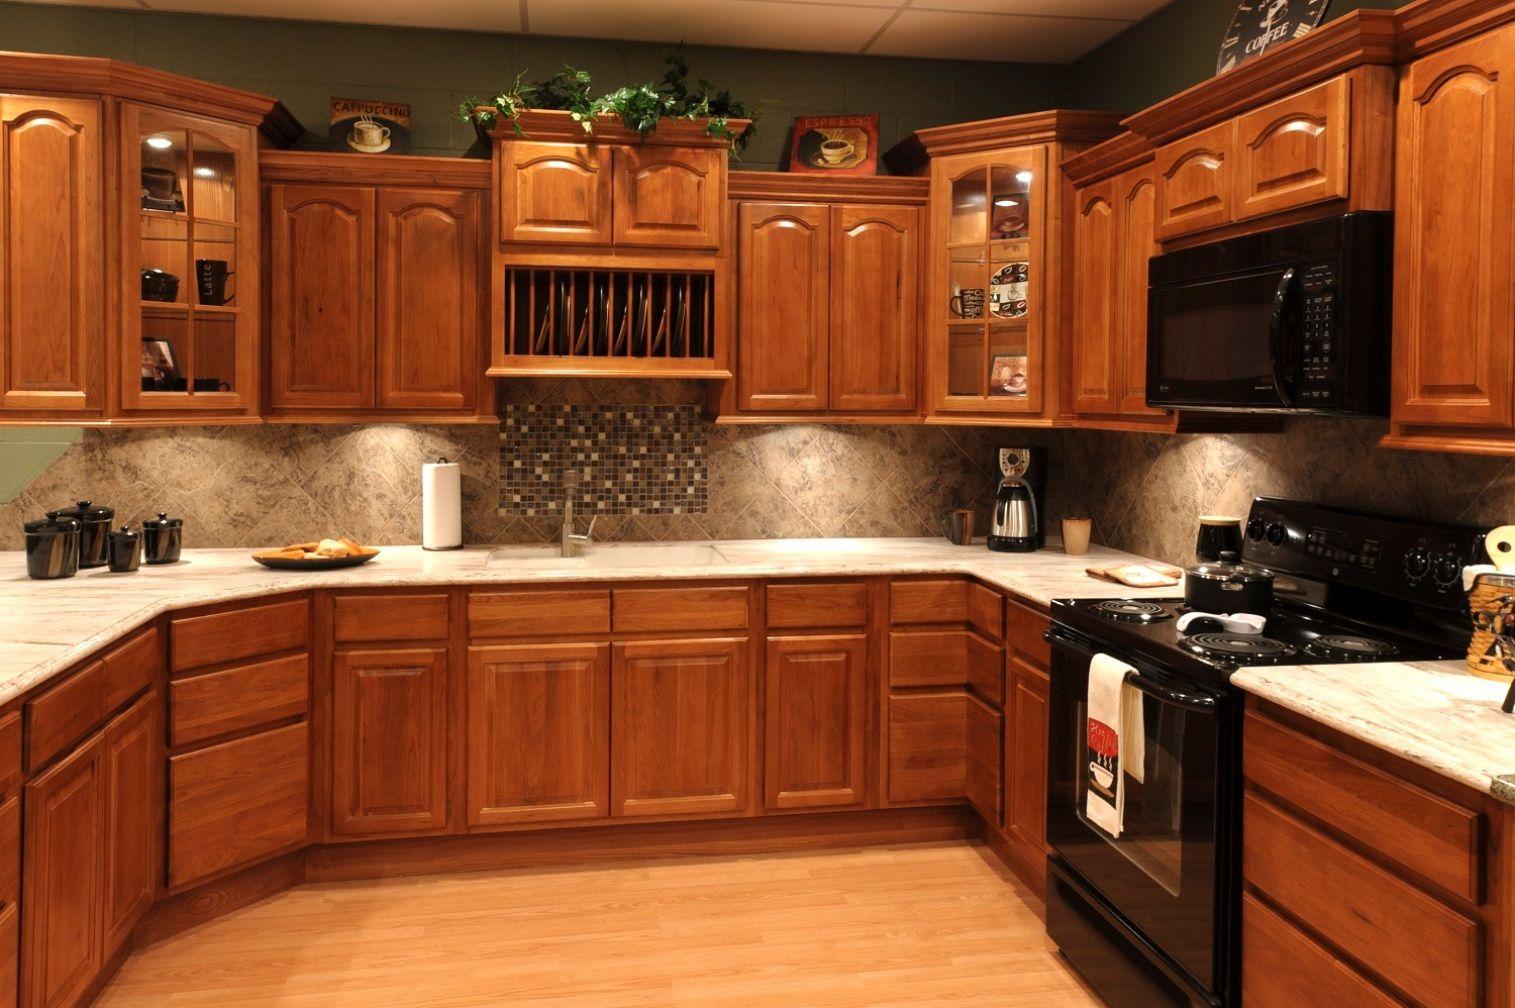 Dark Brown Cabinets Kitchen Contemporary Dark Brown Painted Kitchen Cabinets Home Brown